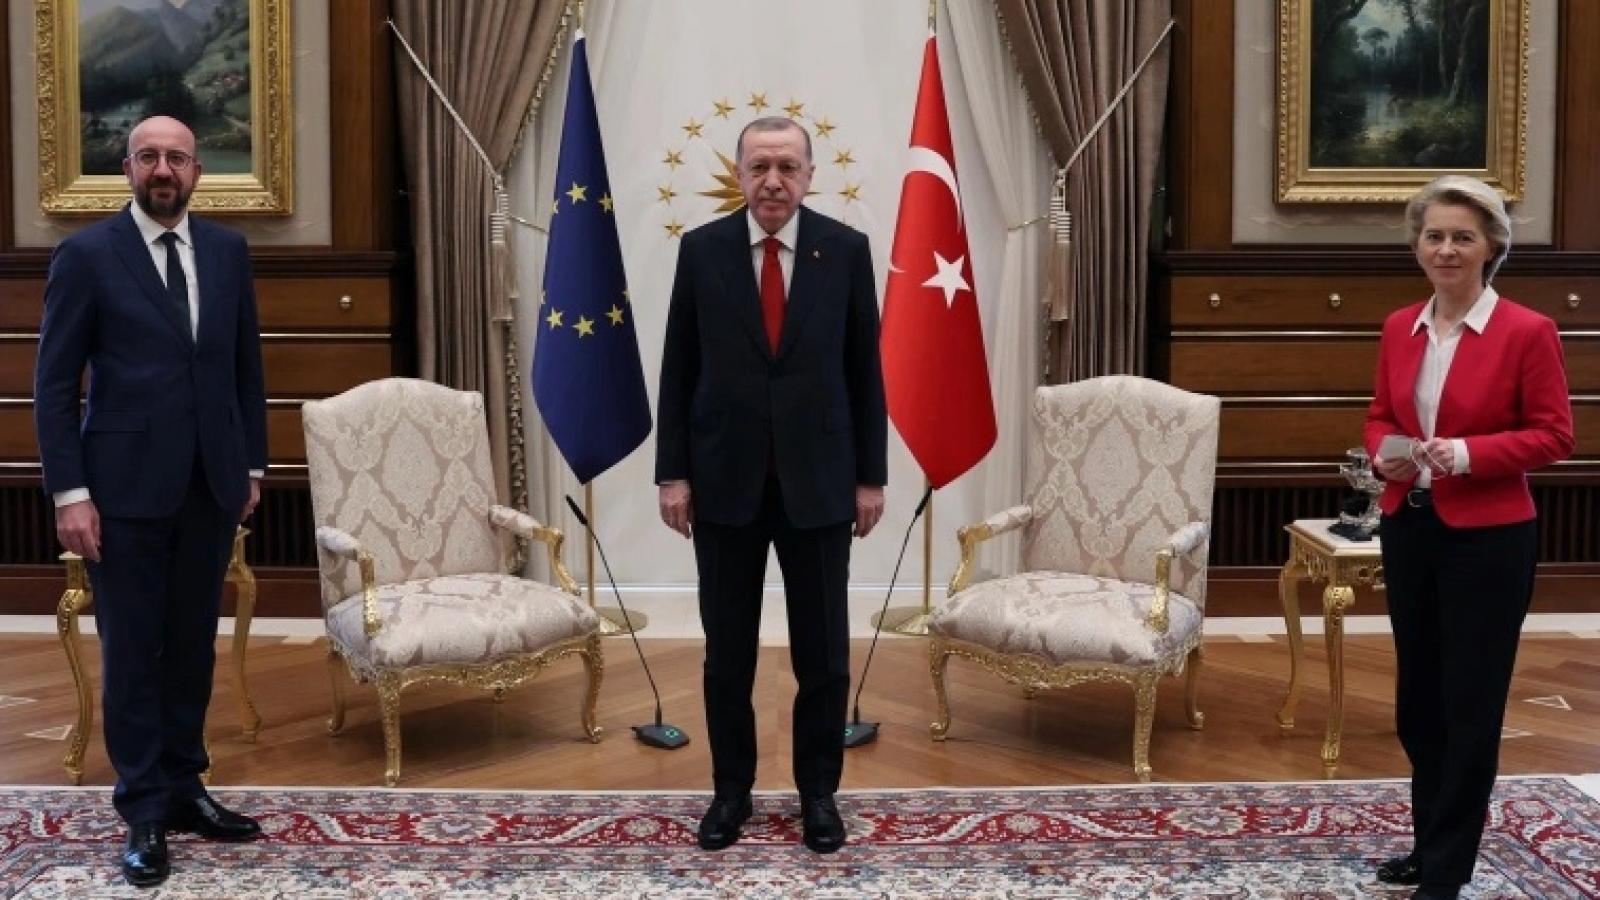 Chủ tịch Ủy ban châu Âu tổn thương vì bị phân biệt đối xử giới tính ở Thổ Nhĩ Kỳ